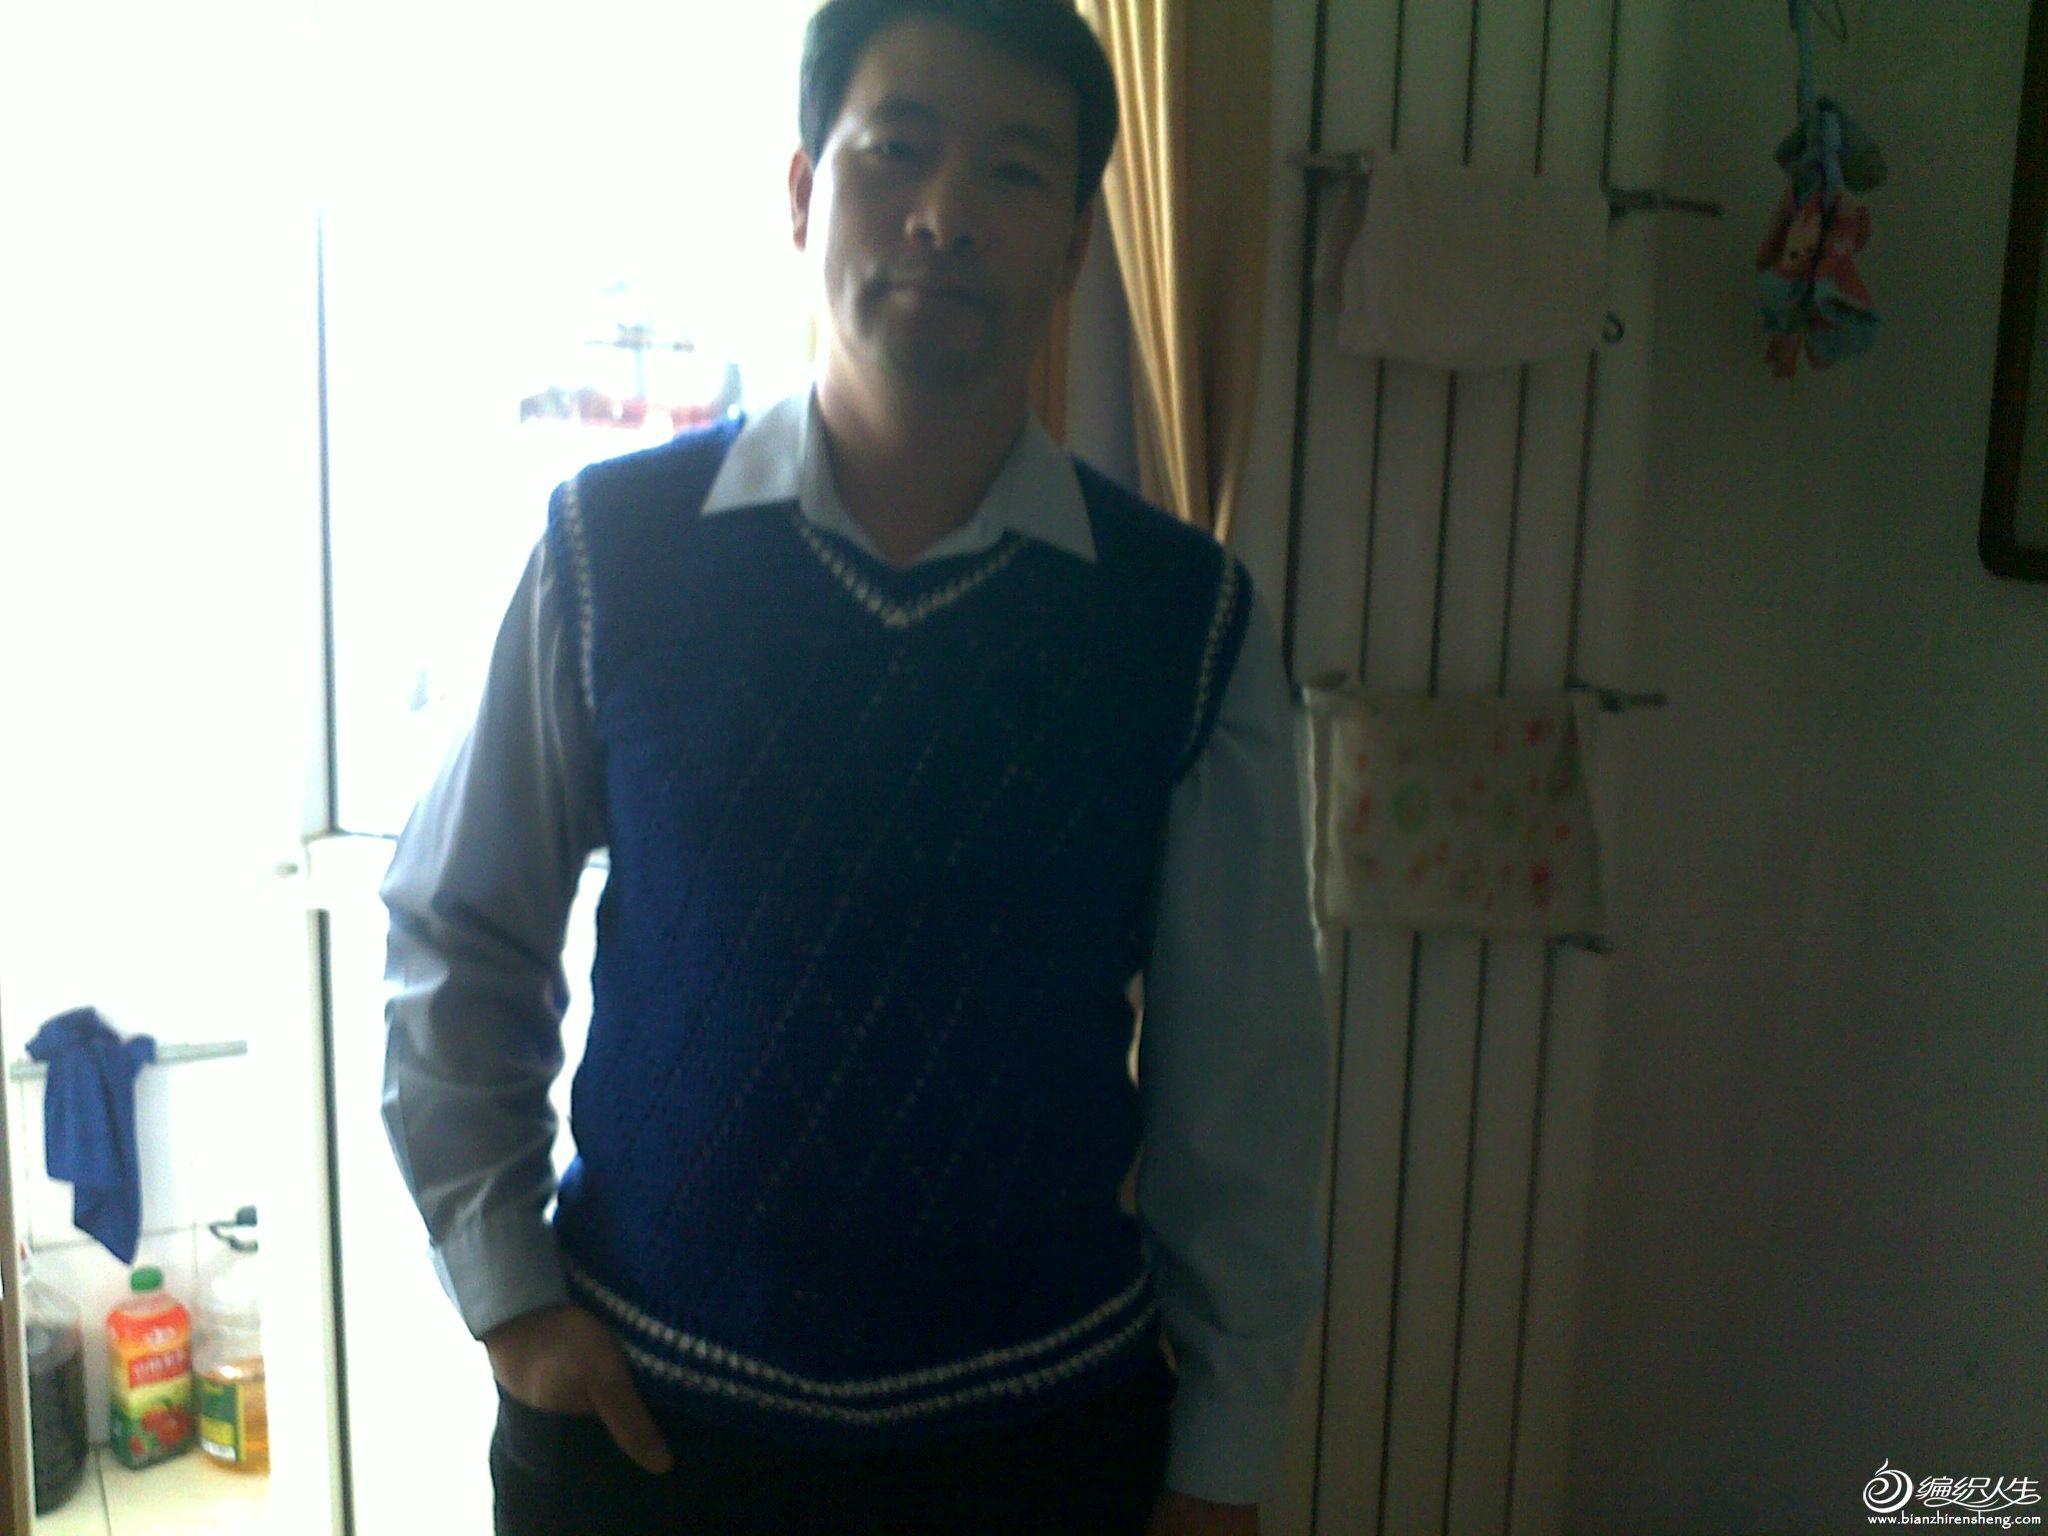 20121027312.jpg